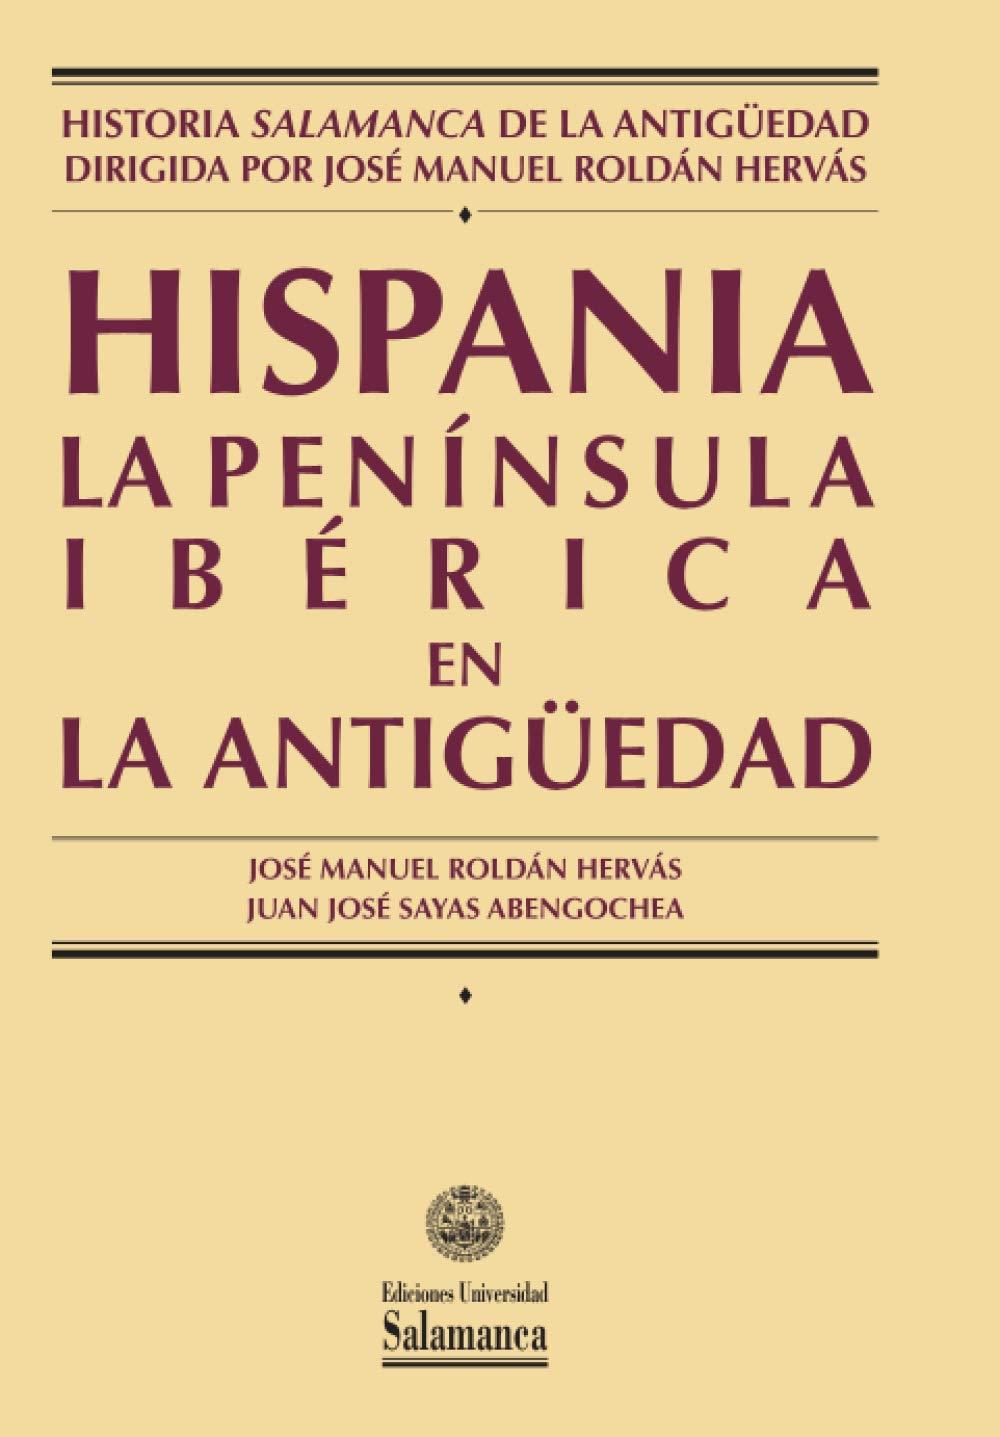 Hispania: La península ibérica en la Antigüedad: 91 Manuales universitarios: Amazon.es: Roldán Hervás, José Manuel, Sayas Abengoechea, Juan José: Libros